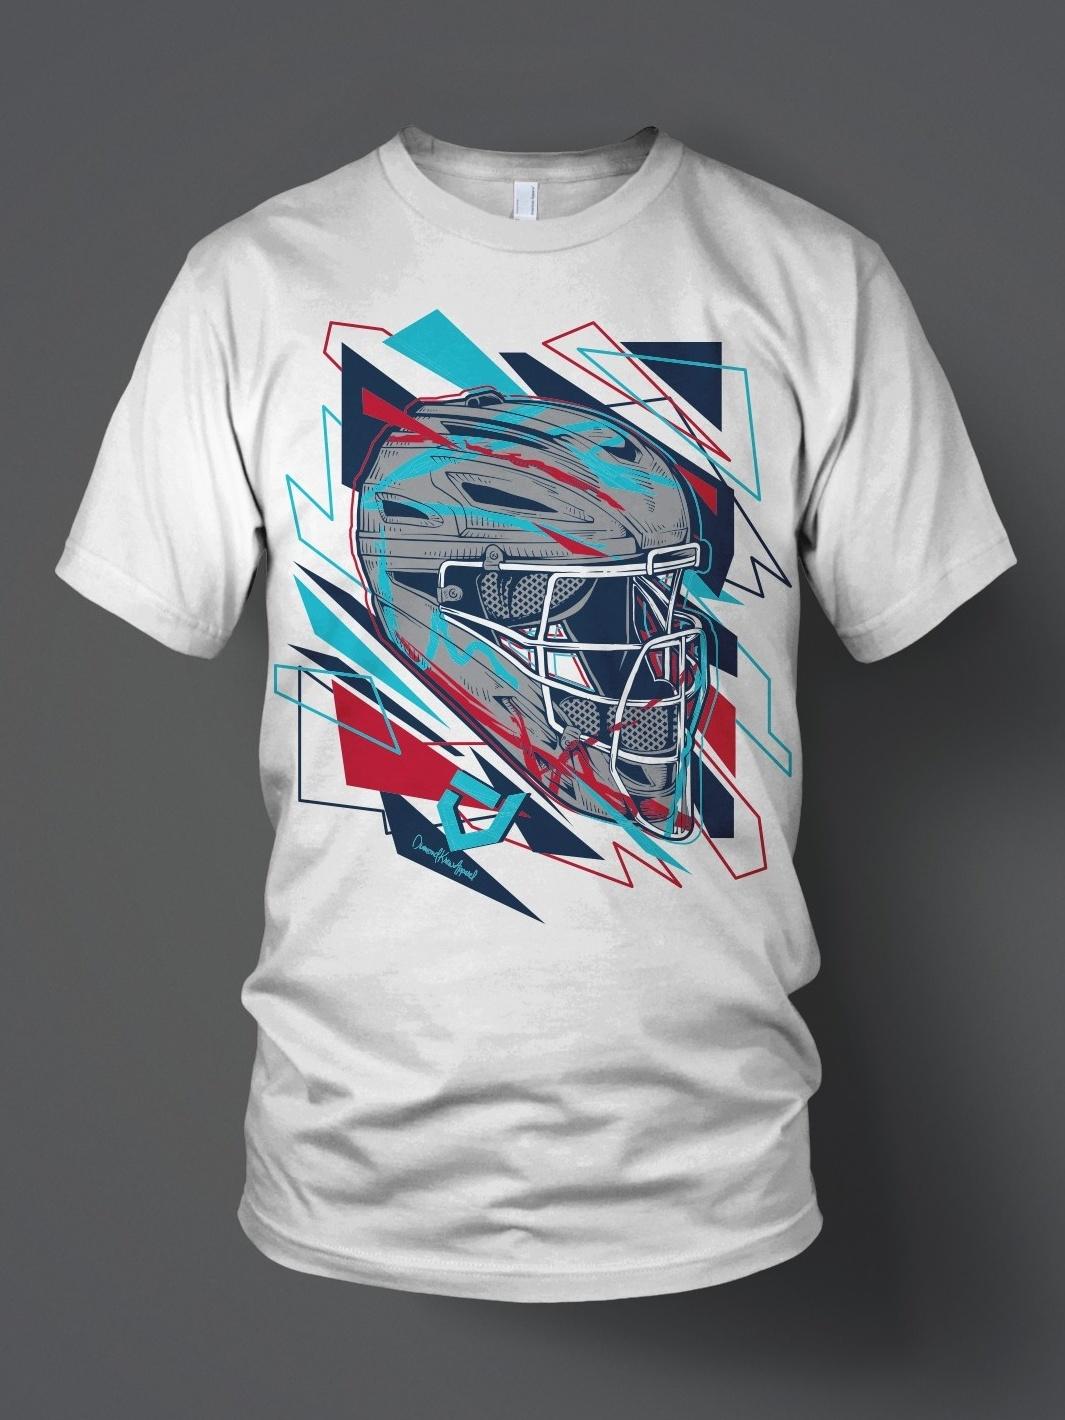 Geometric style umpire helmet illustration